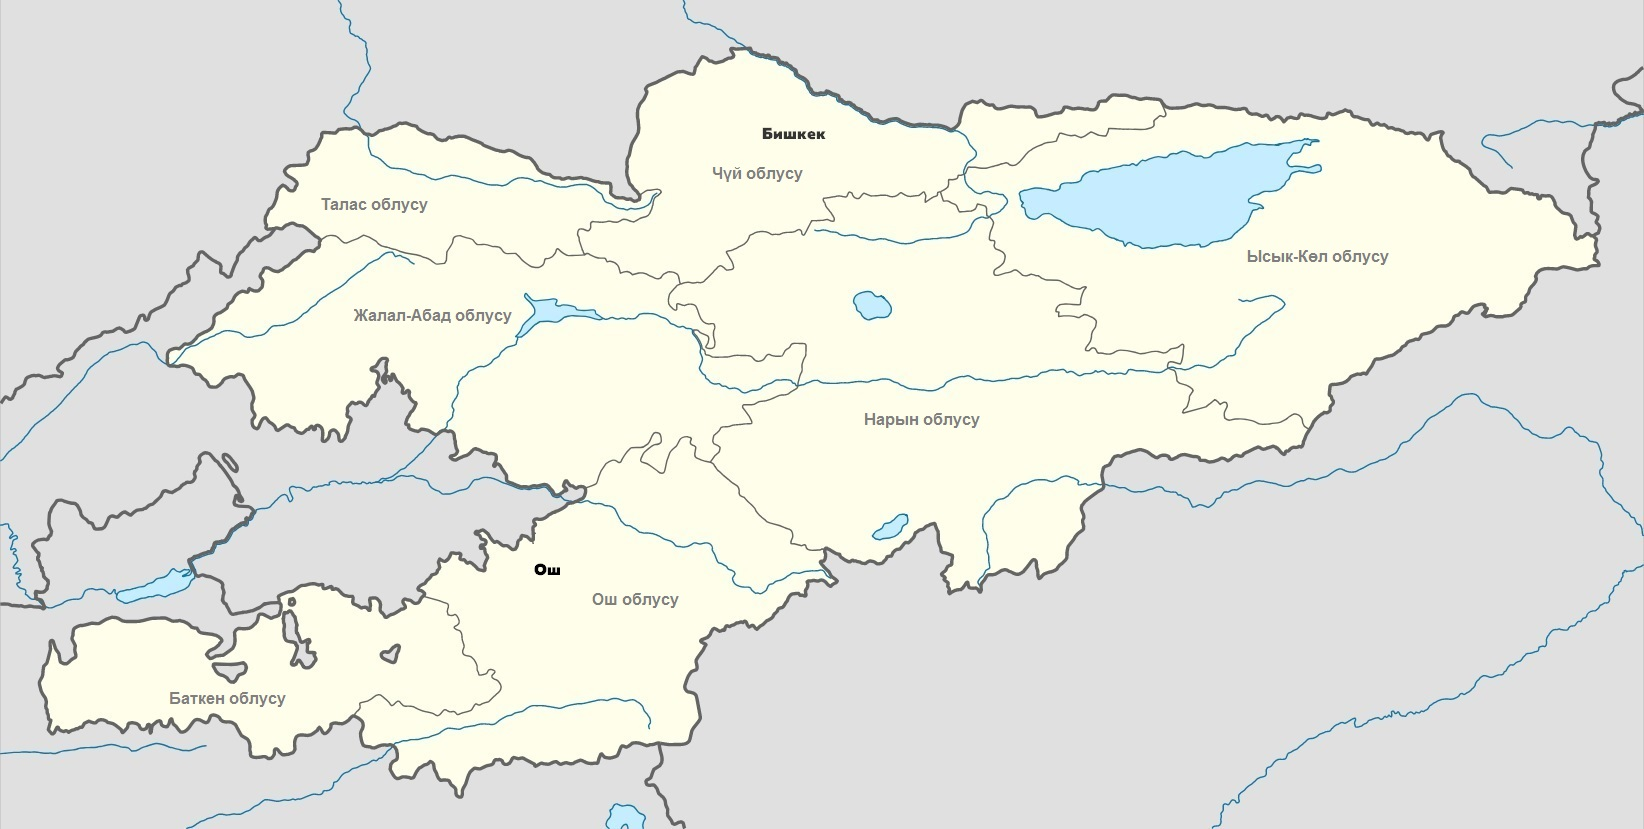 Кыргызстандын картасы